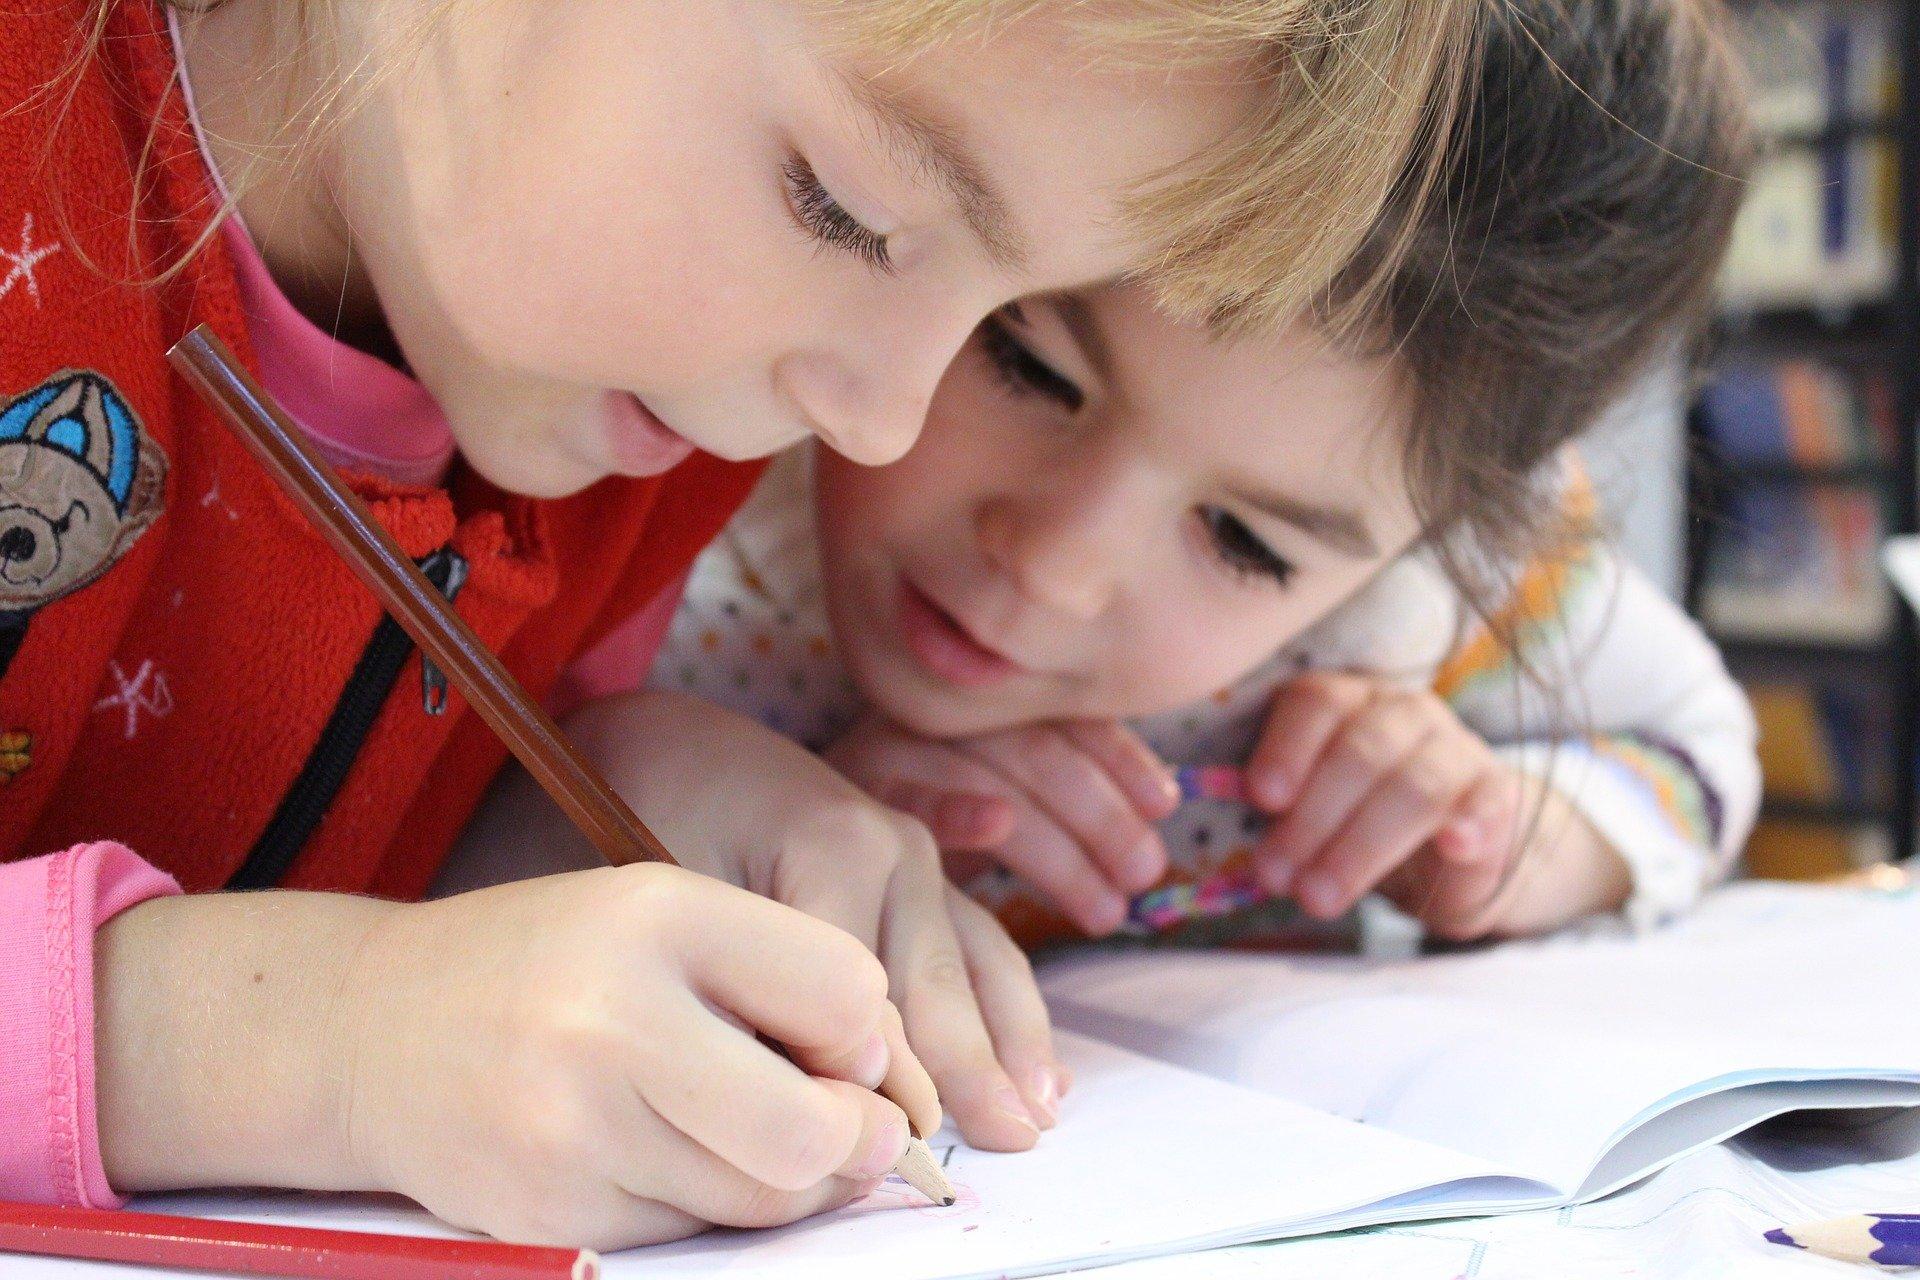 Минстрою передали полномочия по обеспечению жильем детей-сирот - фото 1